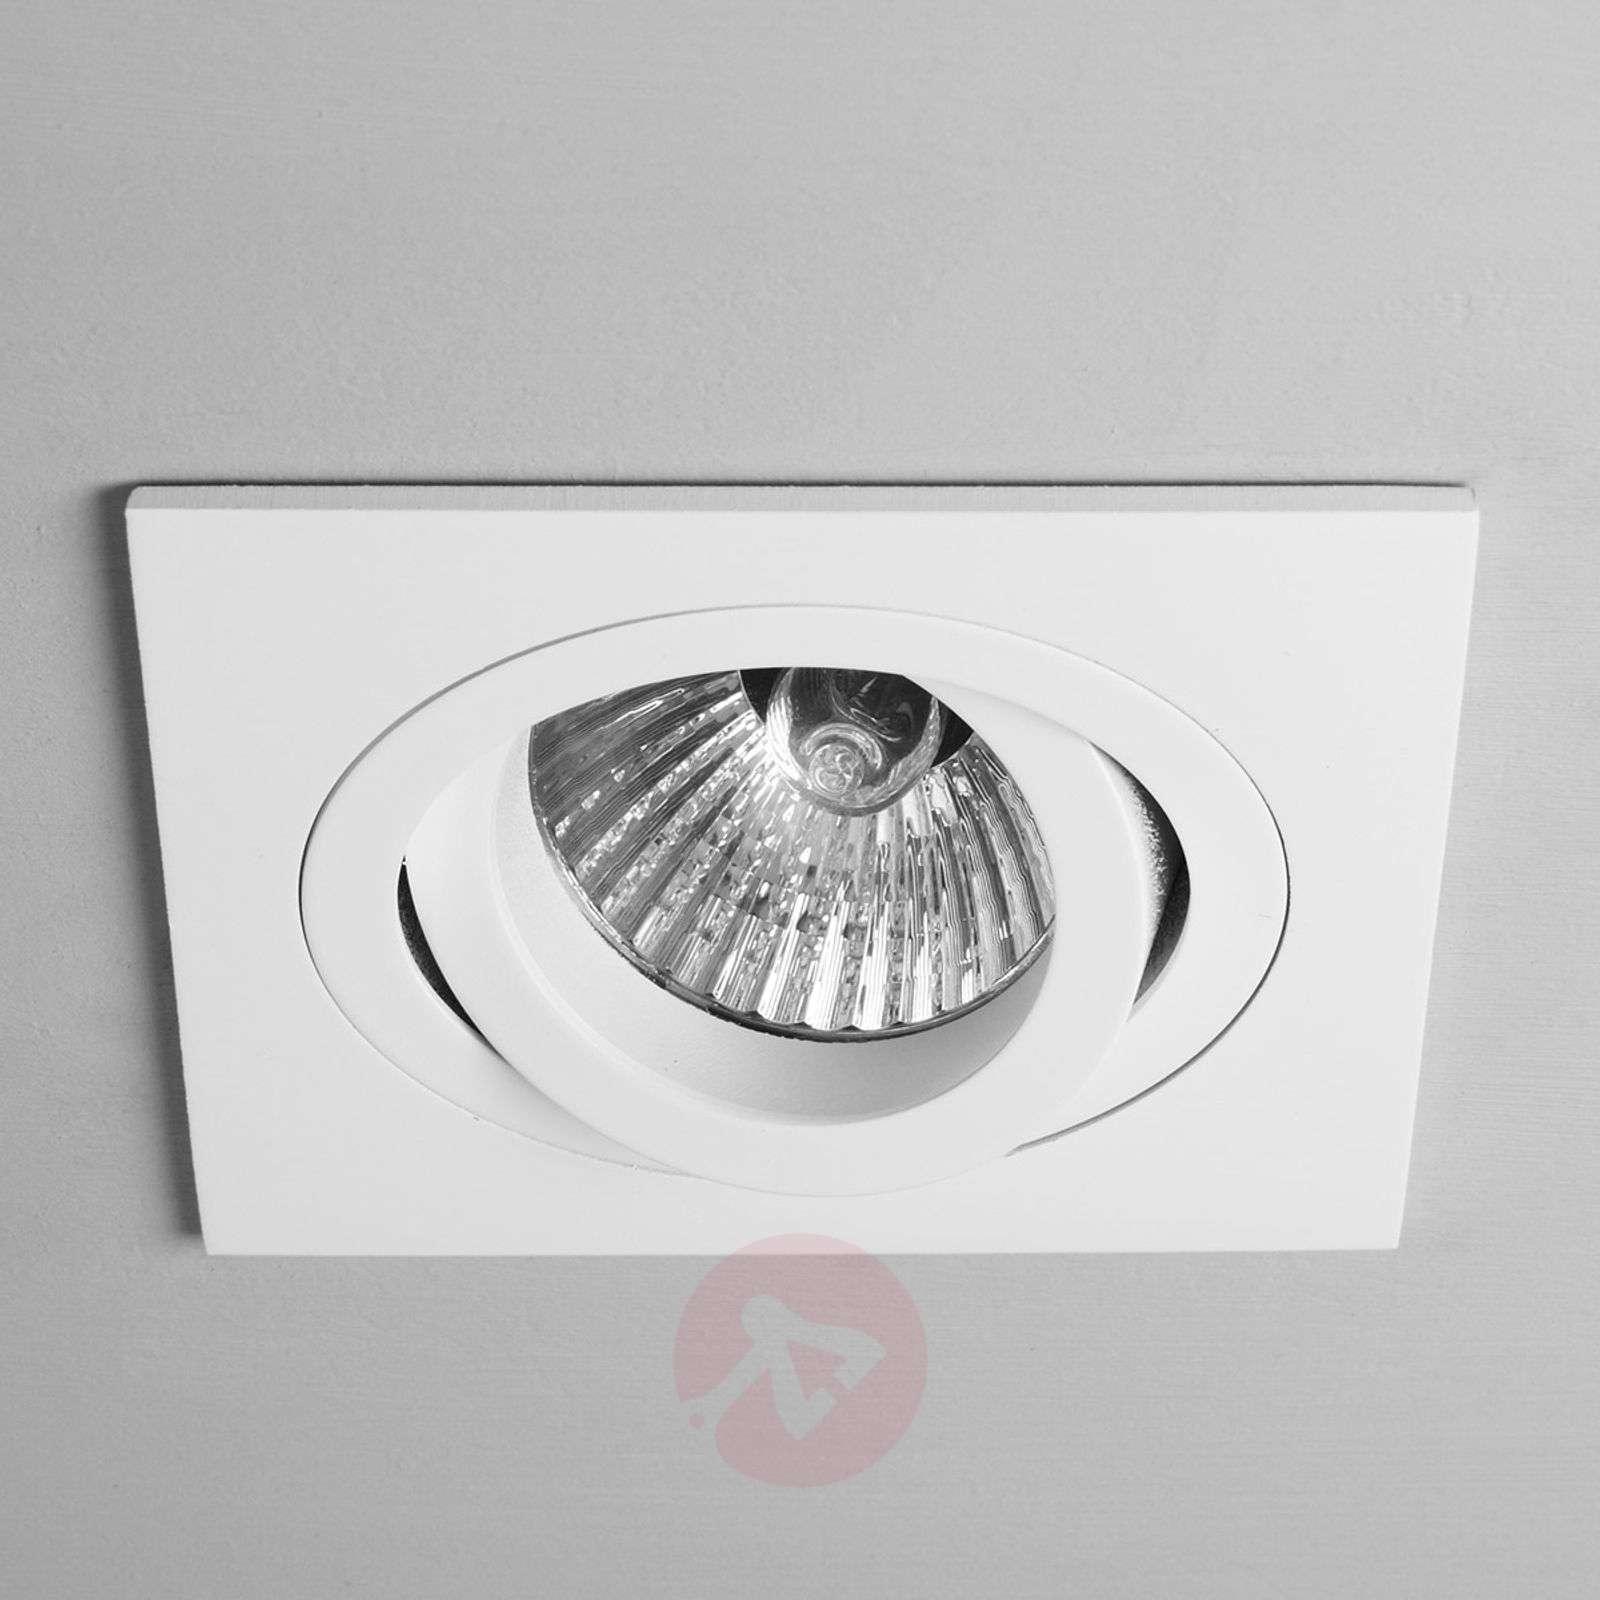 Taro Built-In Ceiling Spotlight Tiltable White-1020362-02